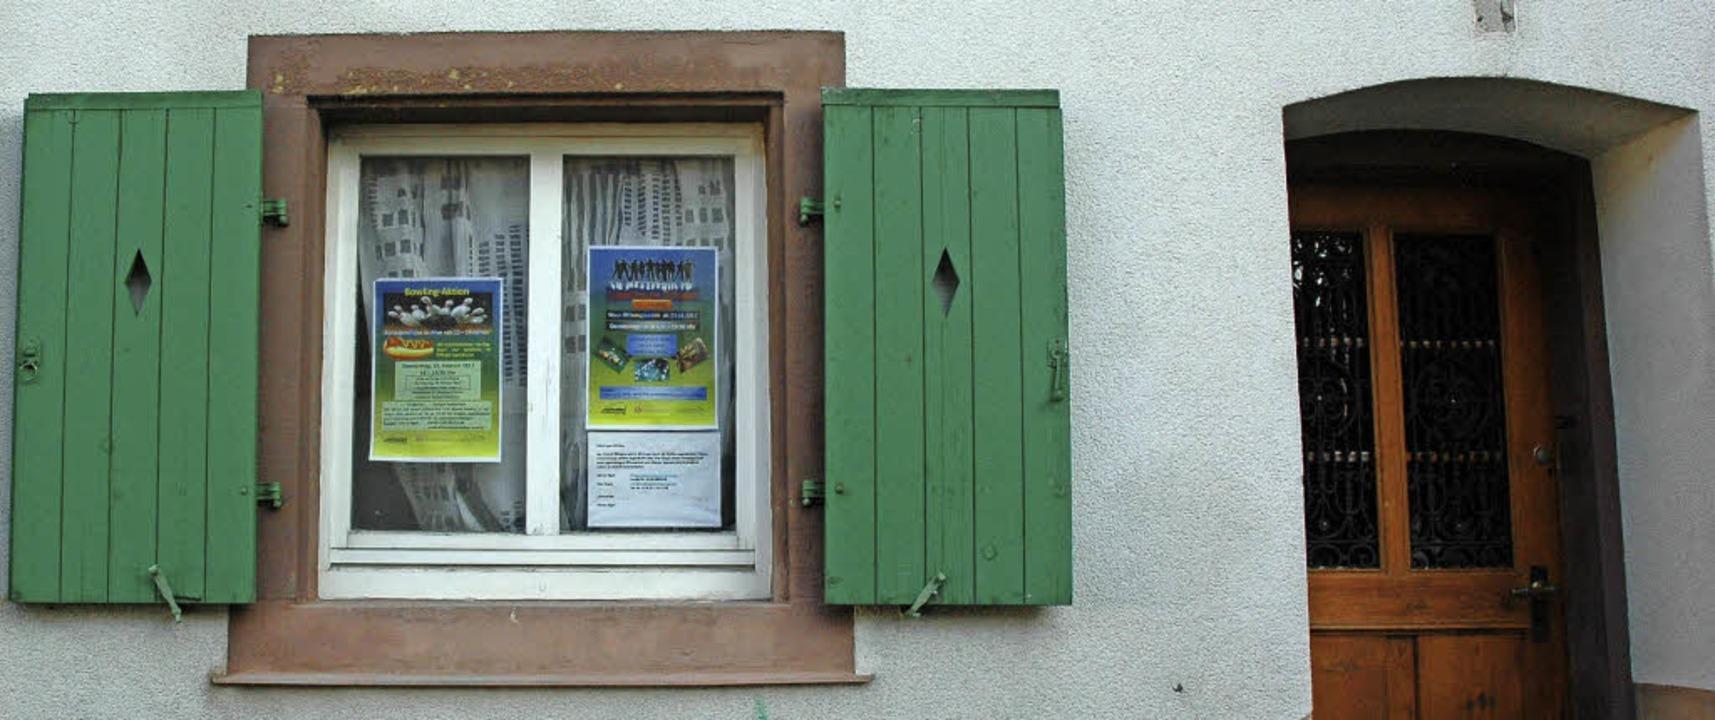 Der Ötlinger Jugendraum soll wieder belebt werden.   | Foto: Ounas-Kräusel